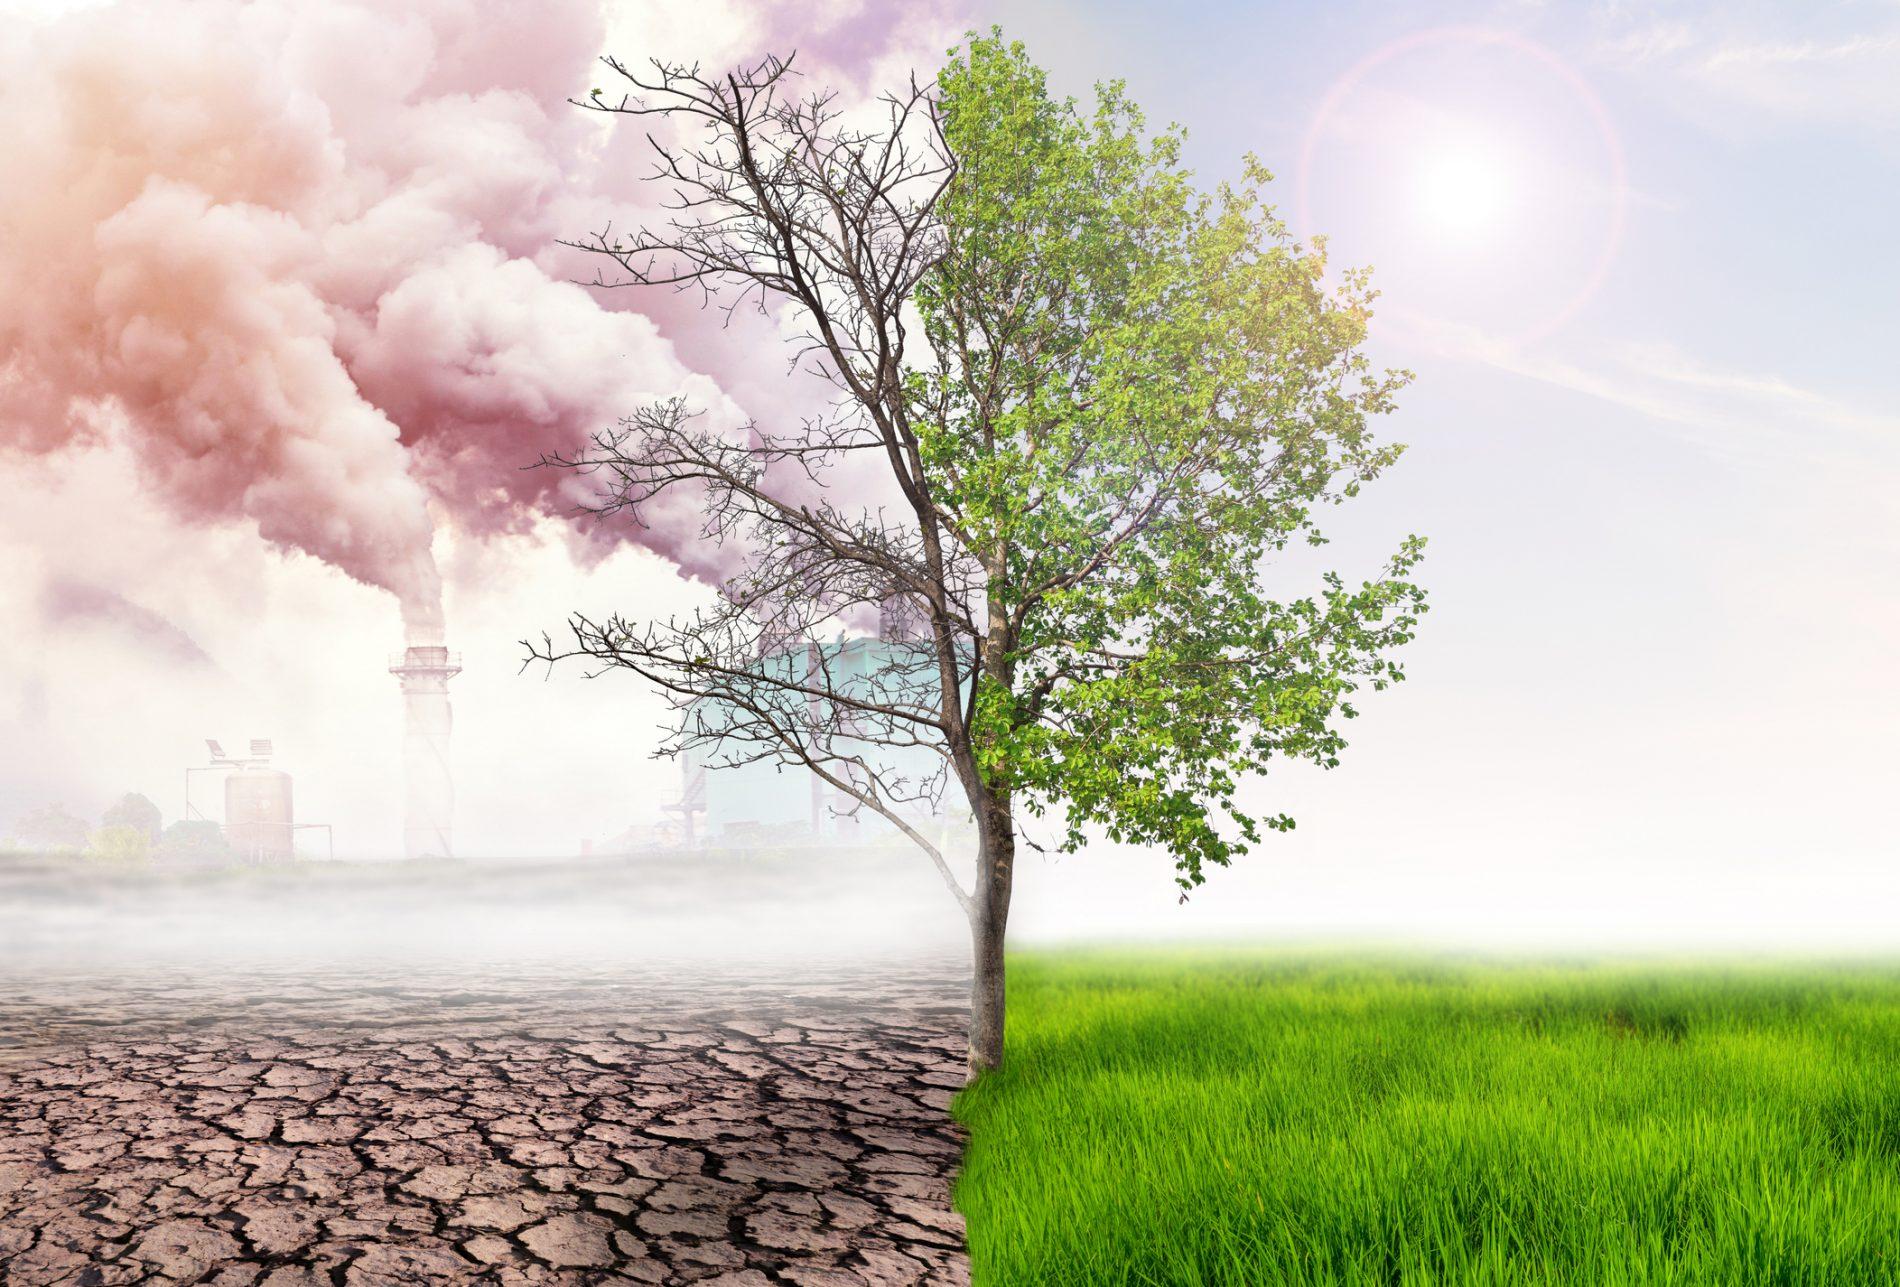 4 effets néfastes de la pollution environnementale sur la nature